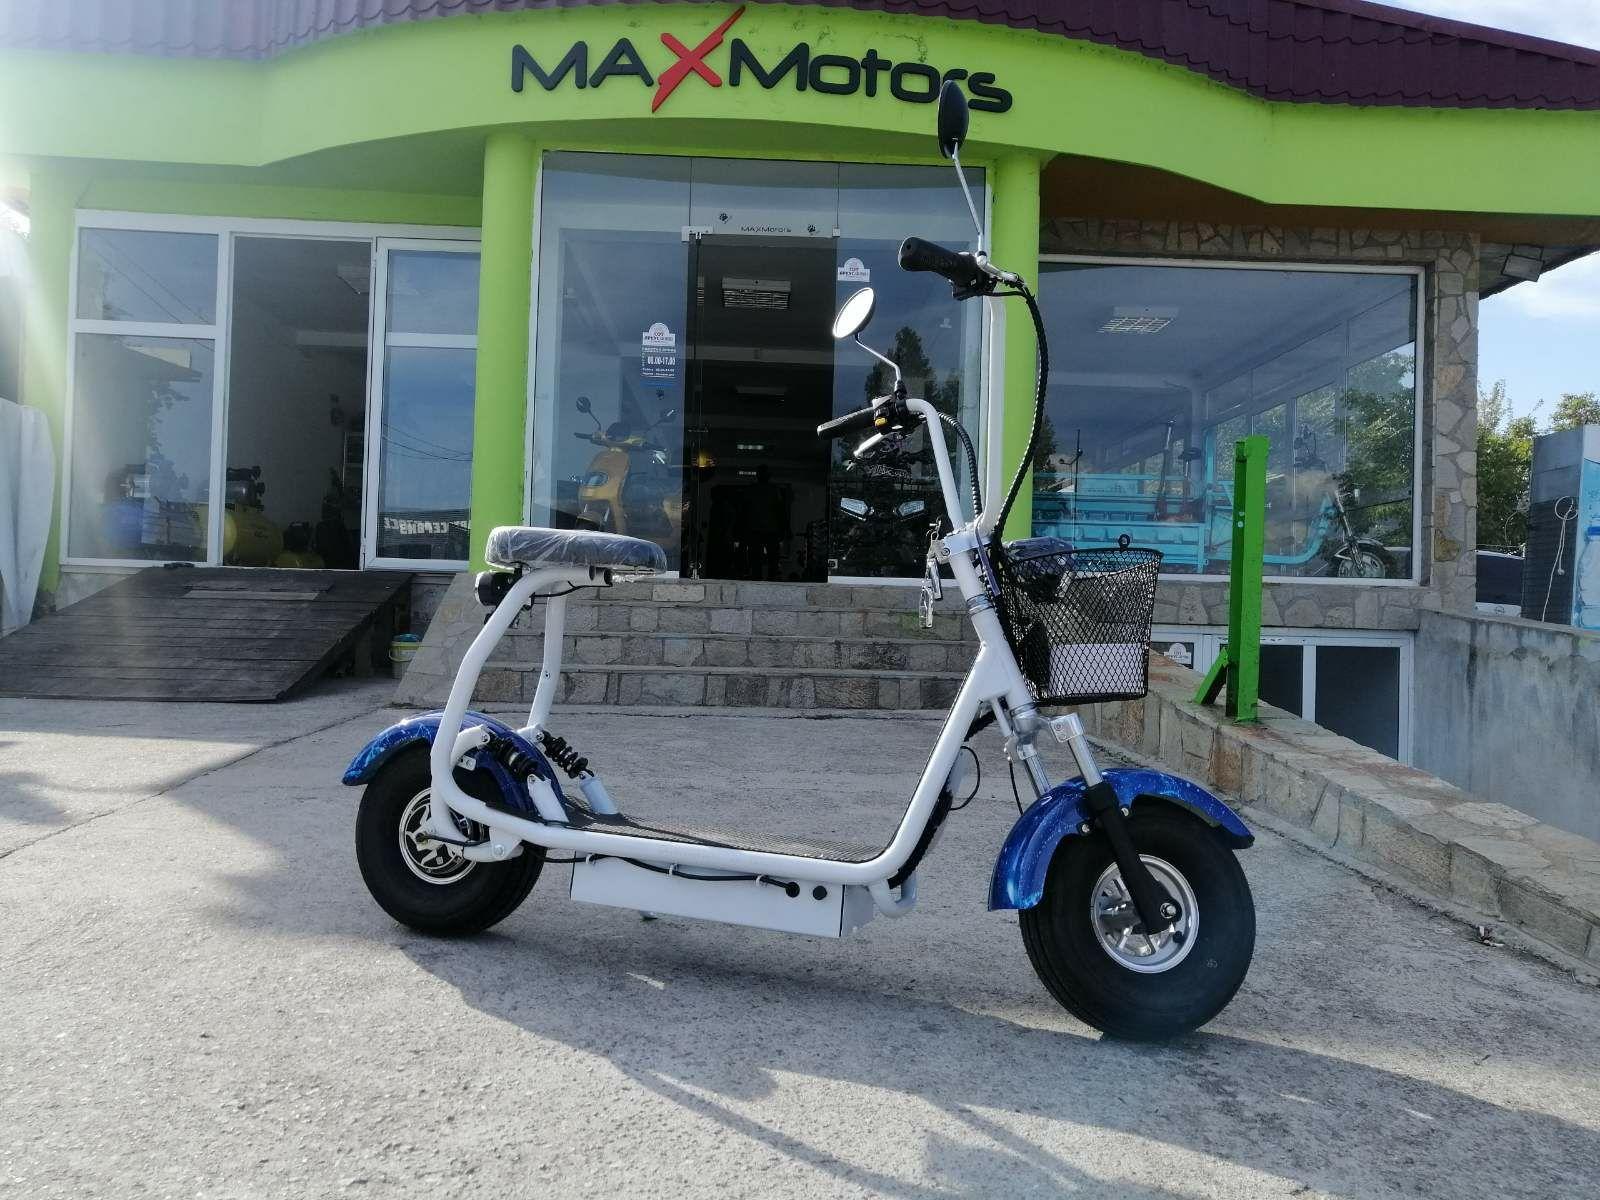 City Harley 1200W NEW MODEL. ЕЛЕКТРИЧЕСКИ СКУТЕР Maxmotors Little